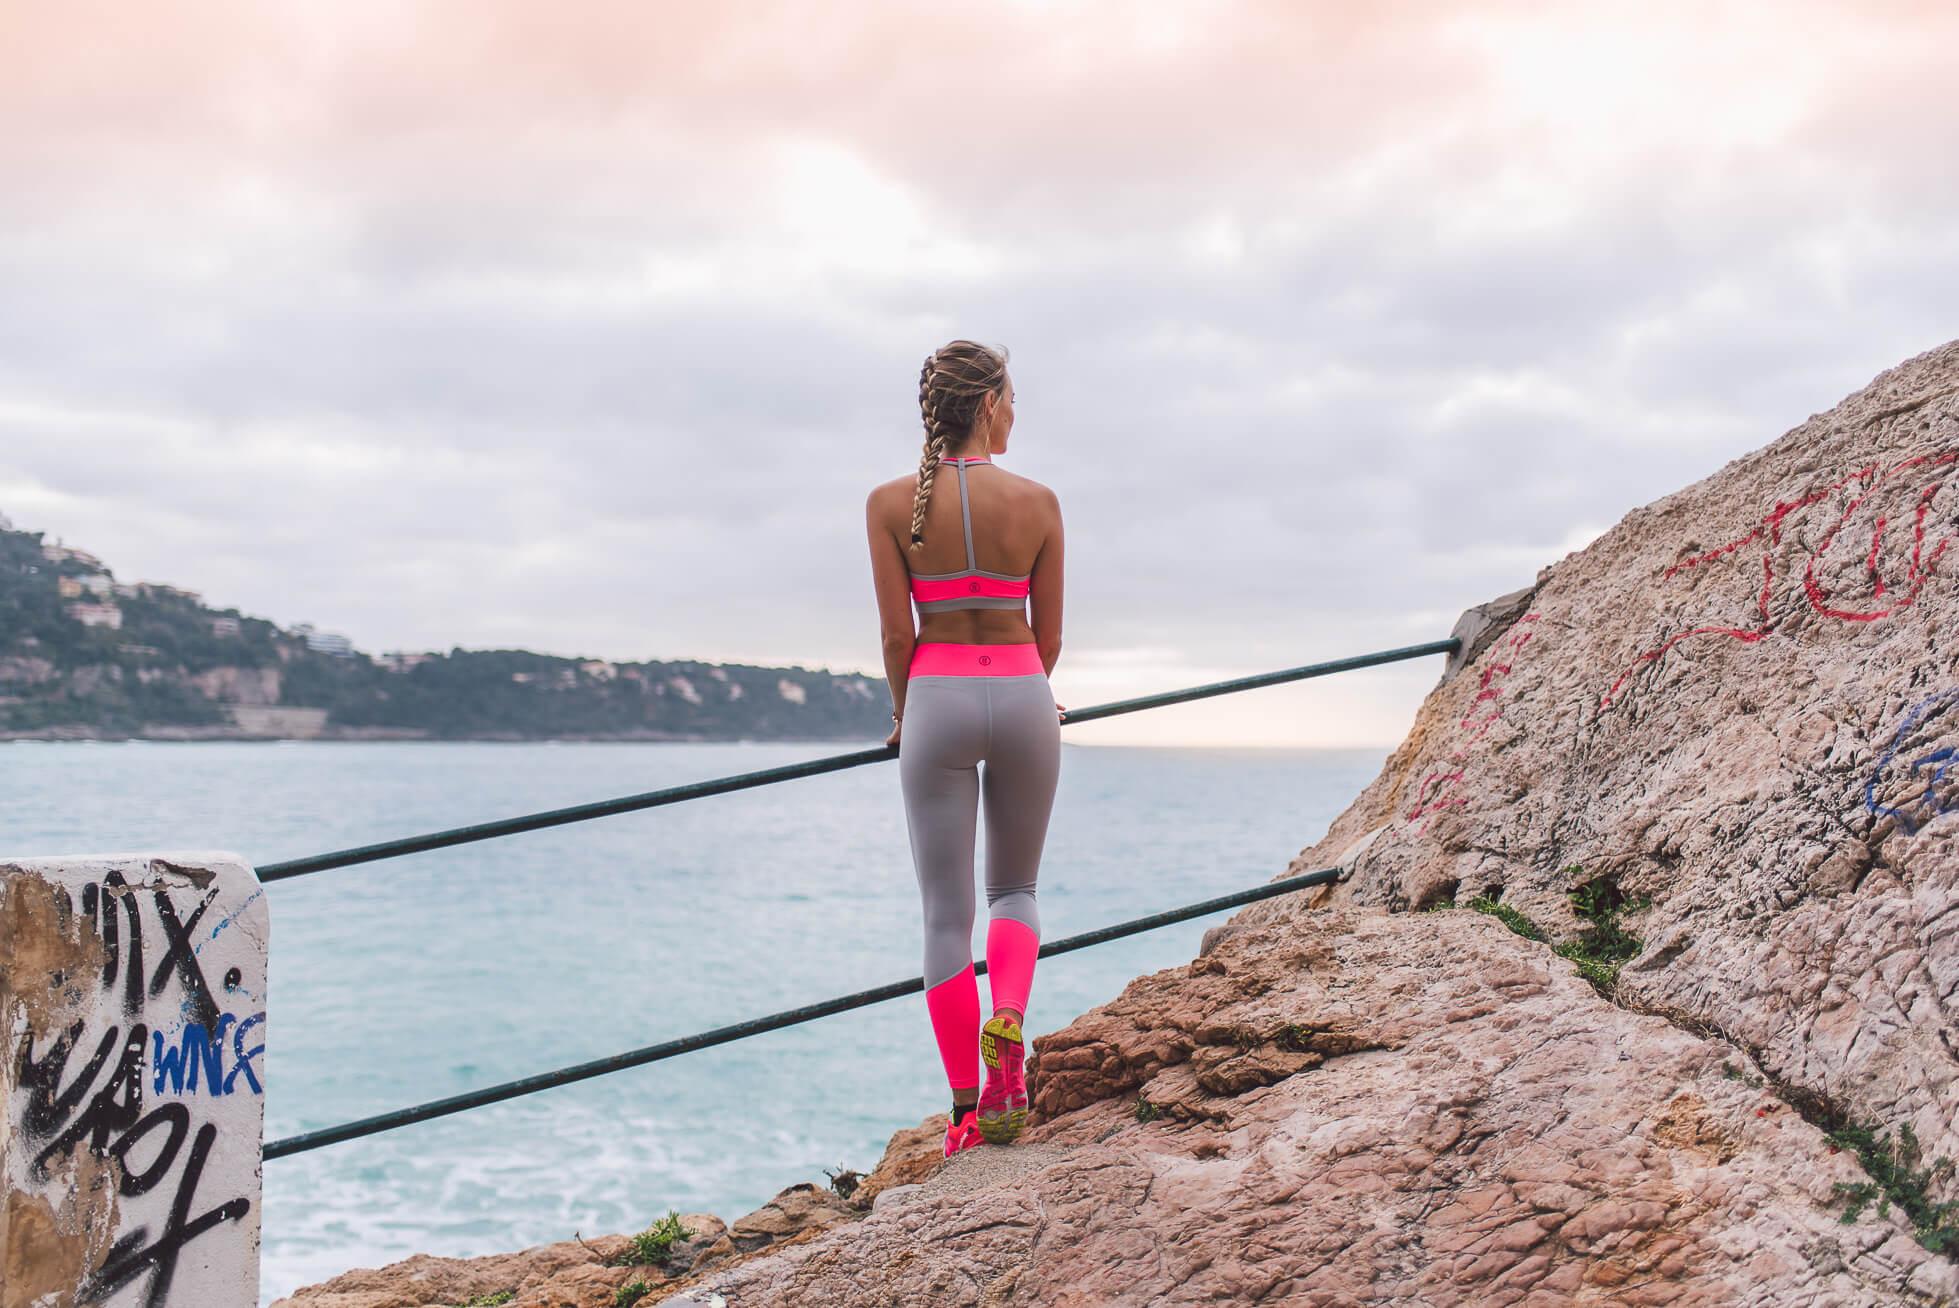 janni-deler-pink-sky-bring-sportswearDSC_8899